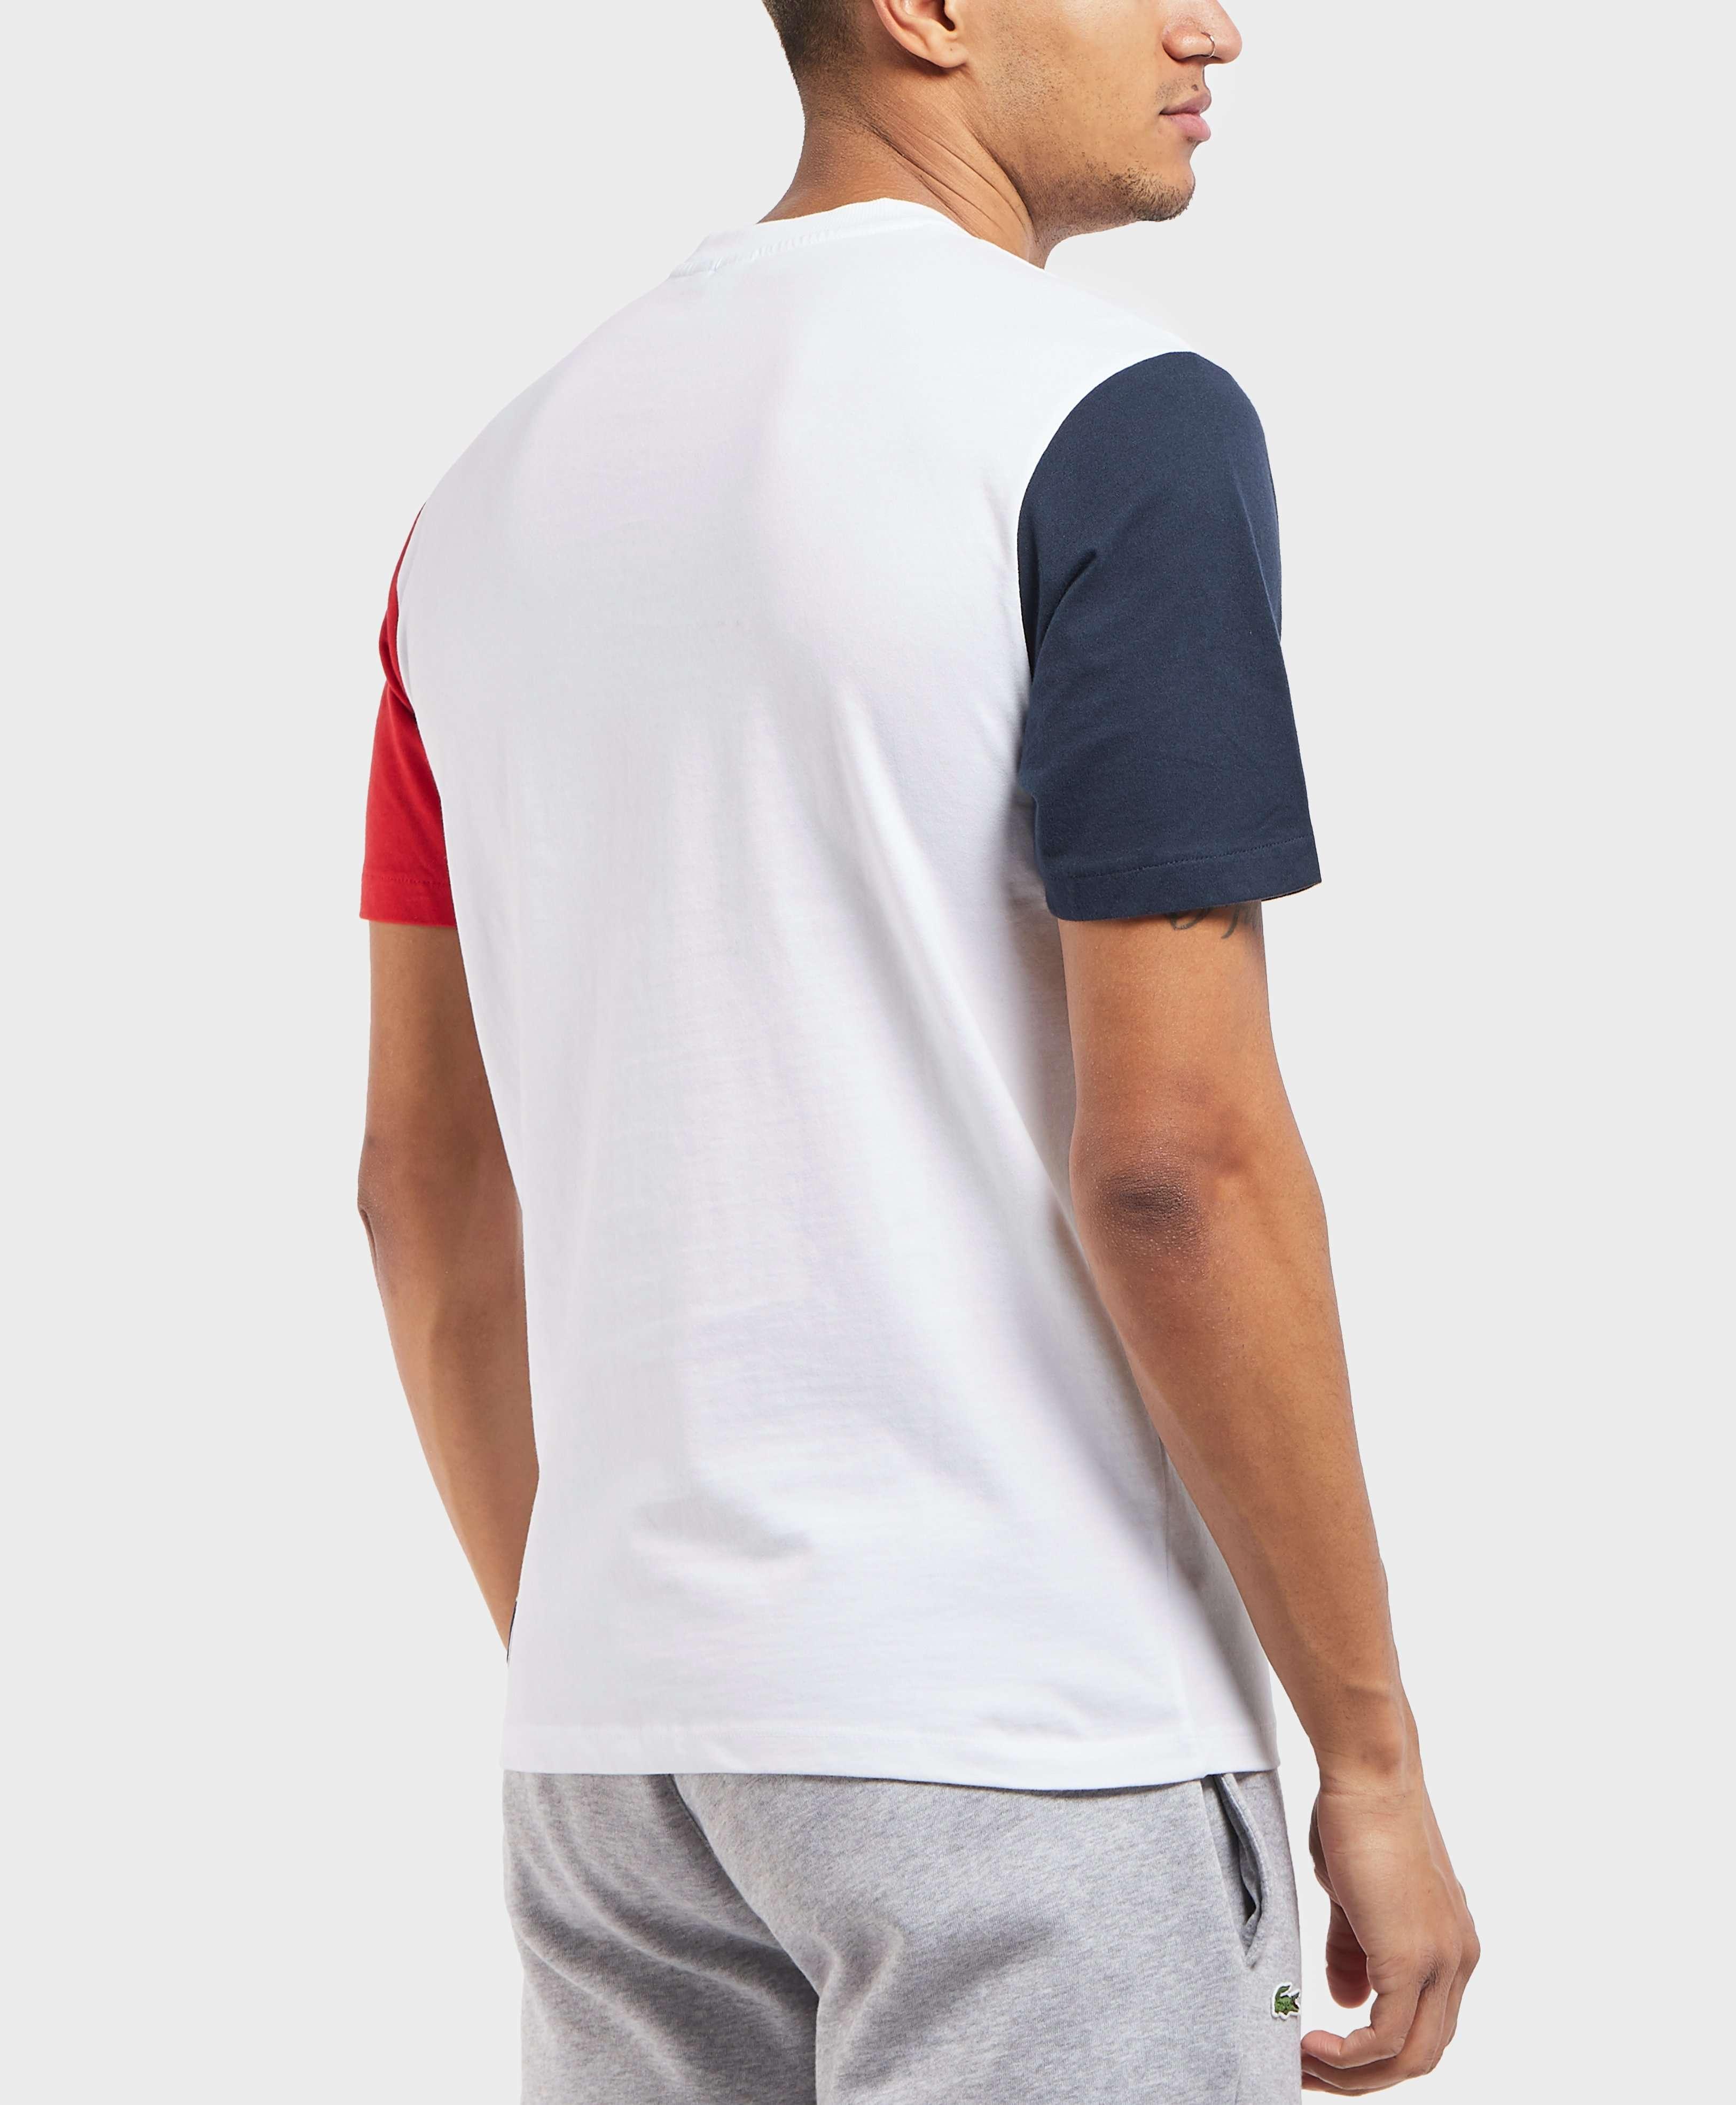 Sergio Tacchini Icona Short Sleeve T-Shirt